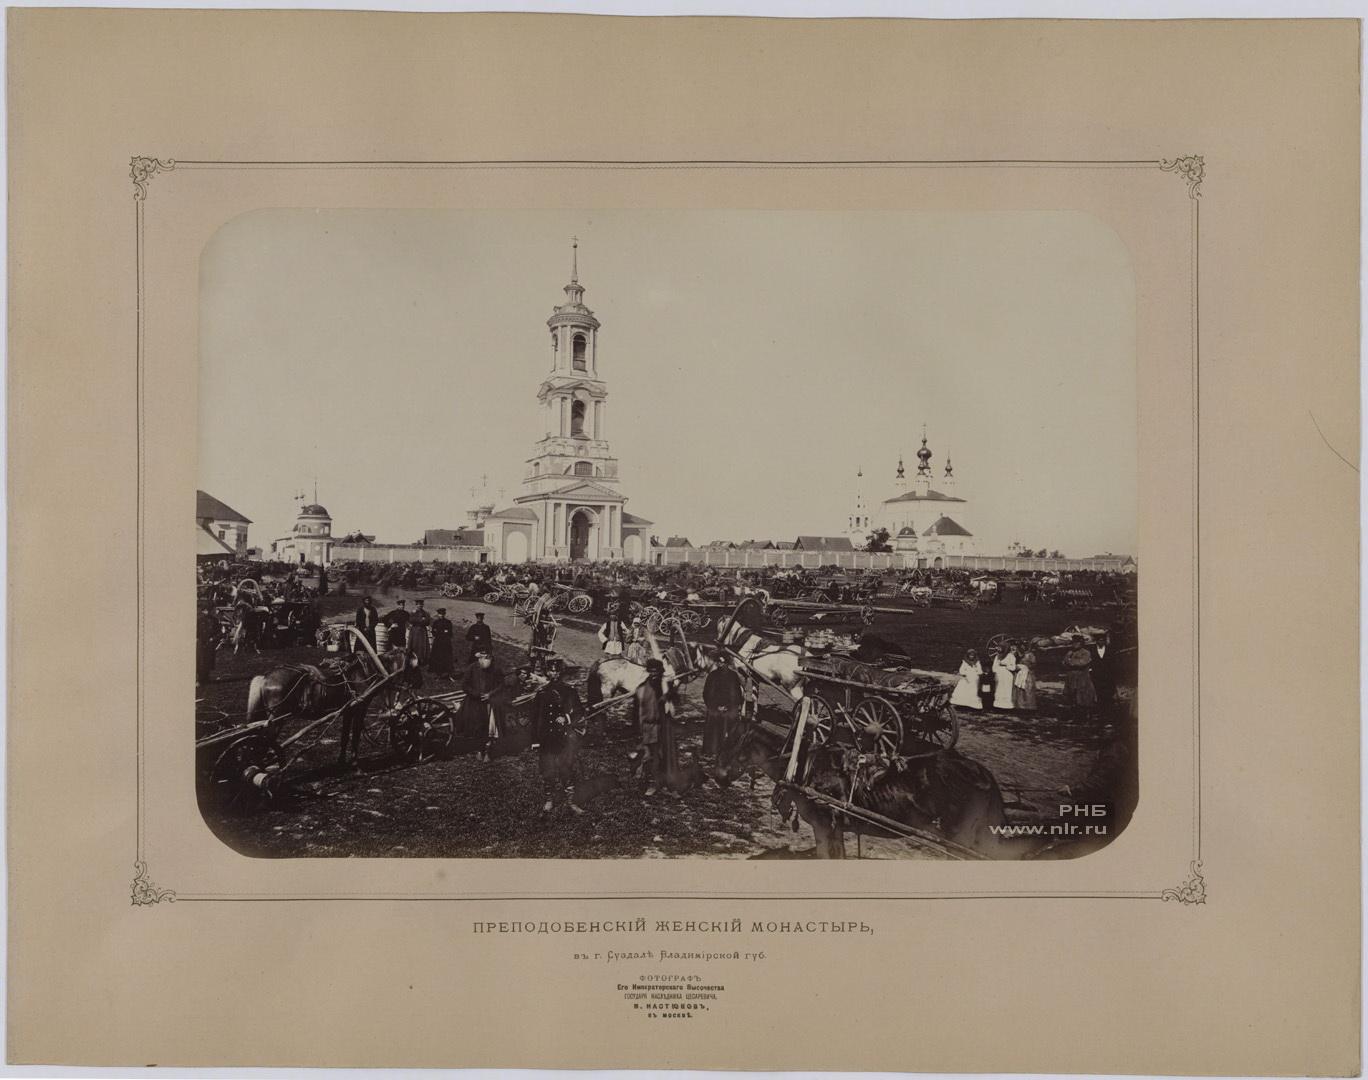 1873 Преподобенский женский монастырь Суздаль